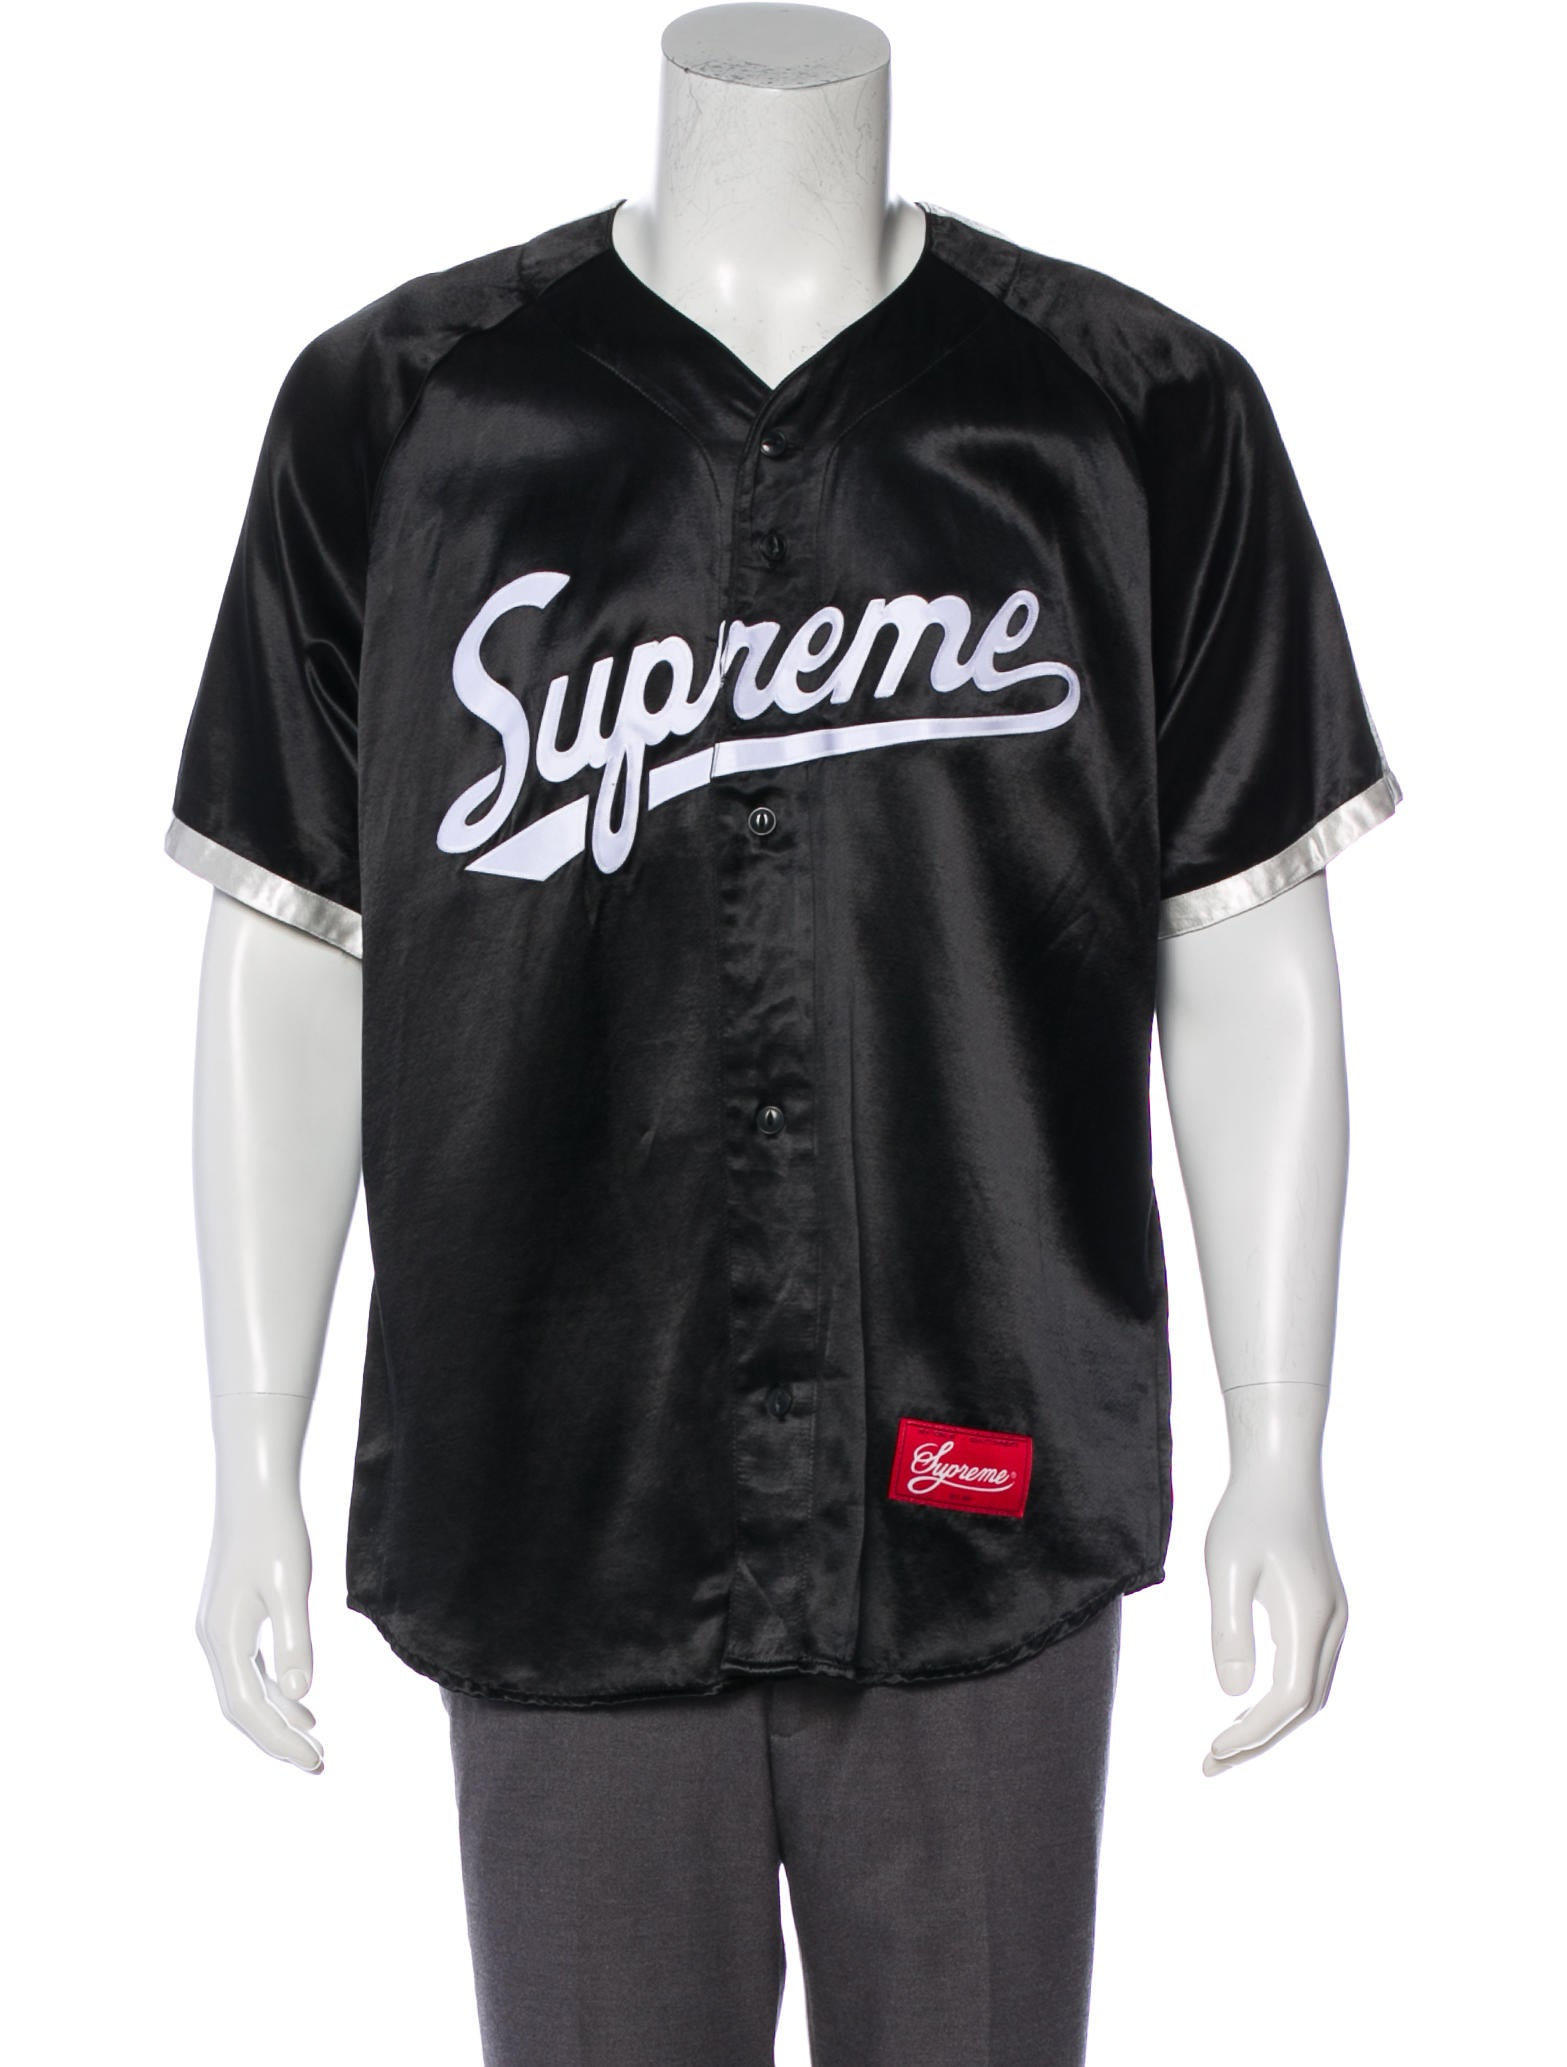 supreme baseball jersey